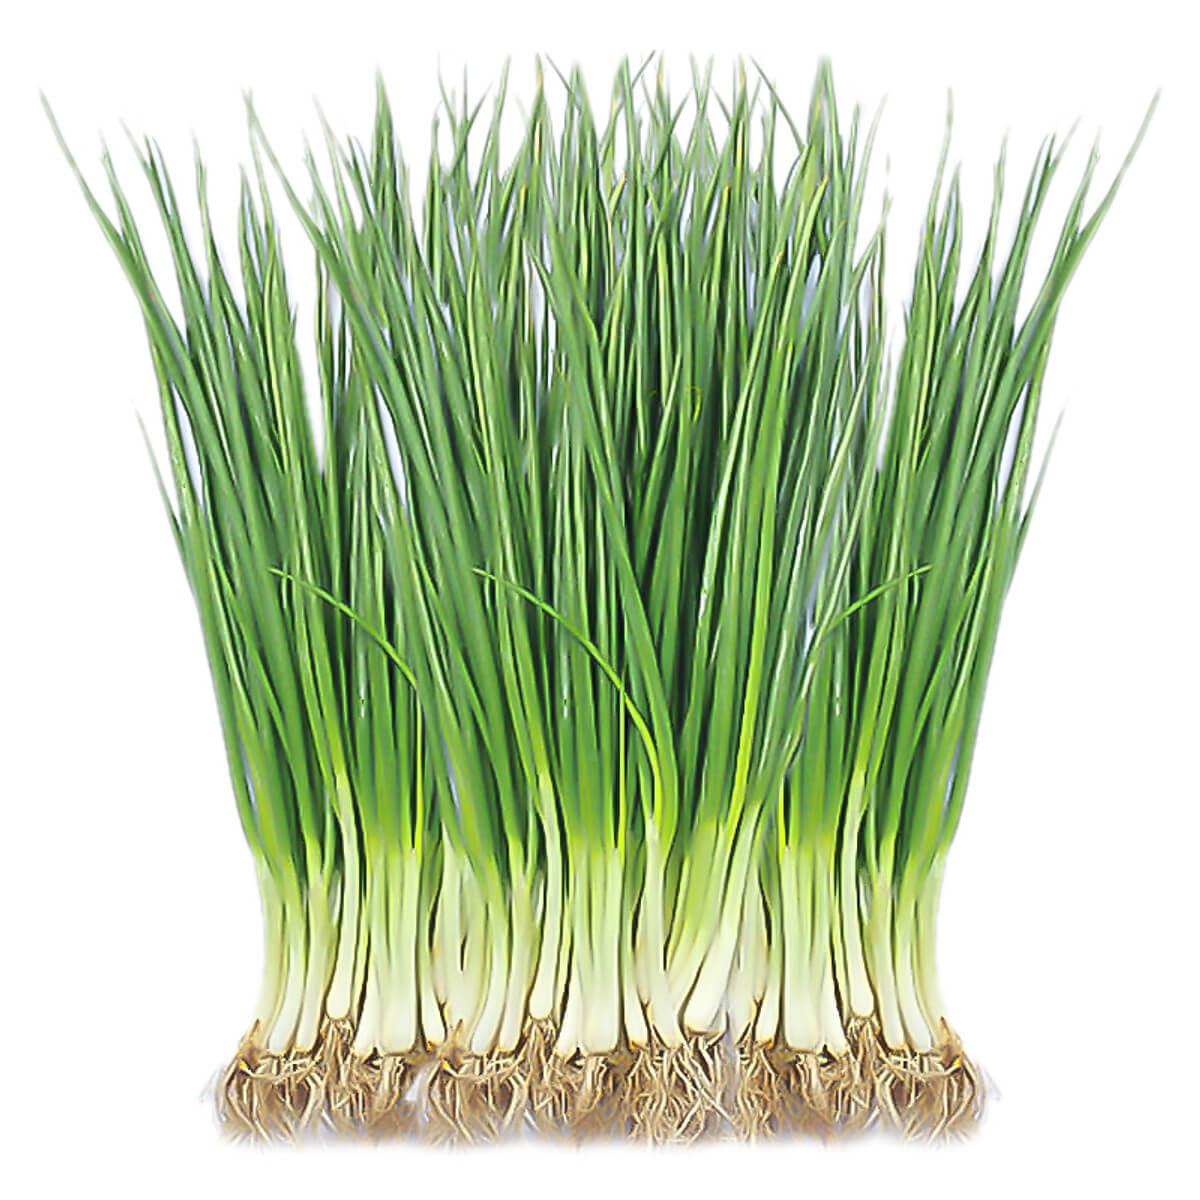 Bất mí cách chọn đất trồng hành là và kỹ thuật trồng hiệu quả